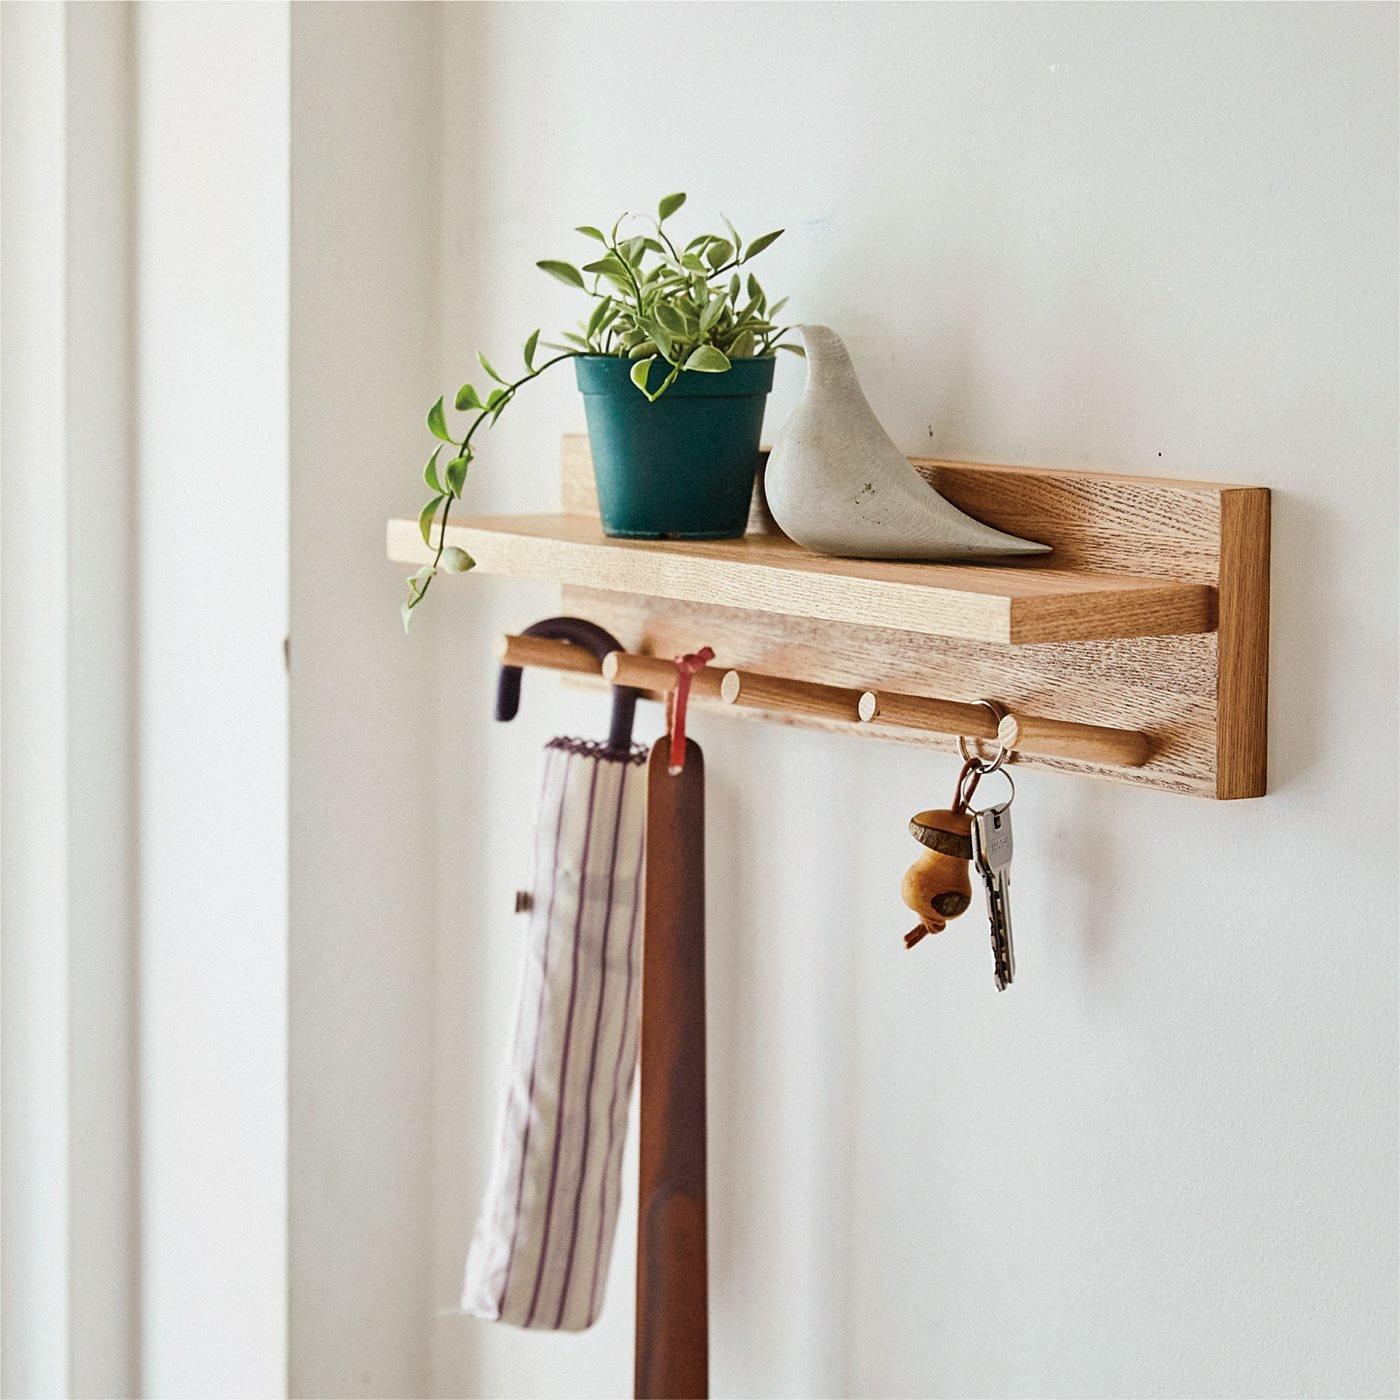 ちょい置きスペースで空間すっきり 穴が目立ちにくい簡単設置のフック付き壁付け棚の会